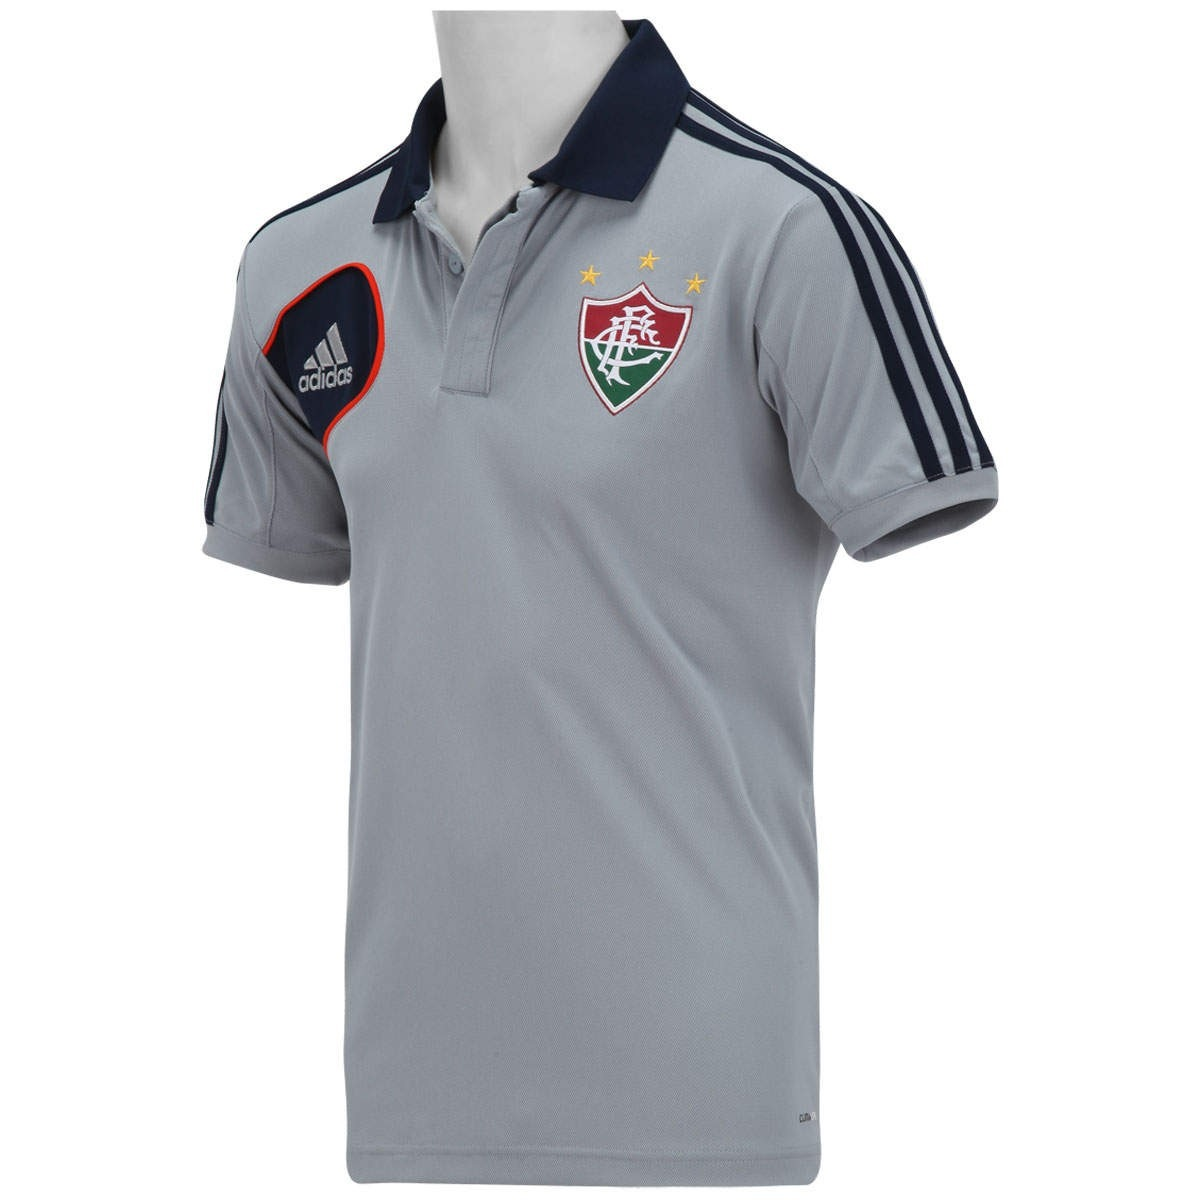 f83d9294d3 Camisa Polo adidas Fluminense Viagem Original De 199